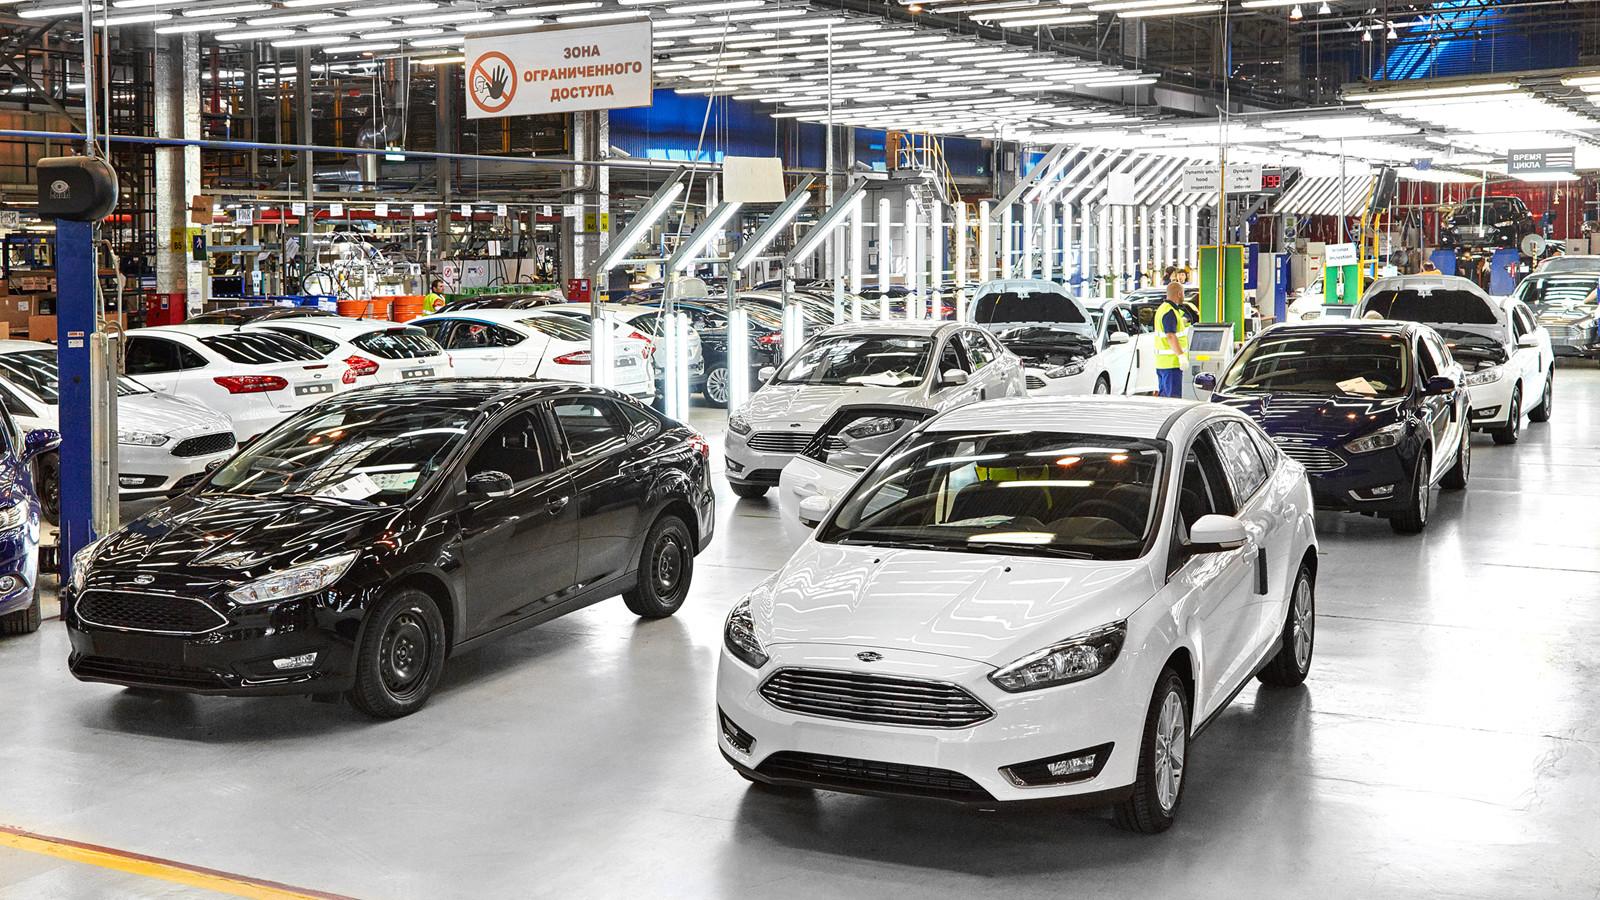 Моторный завод Форд Sollers вЕлабуге выпустил 25-тысячный мотор